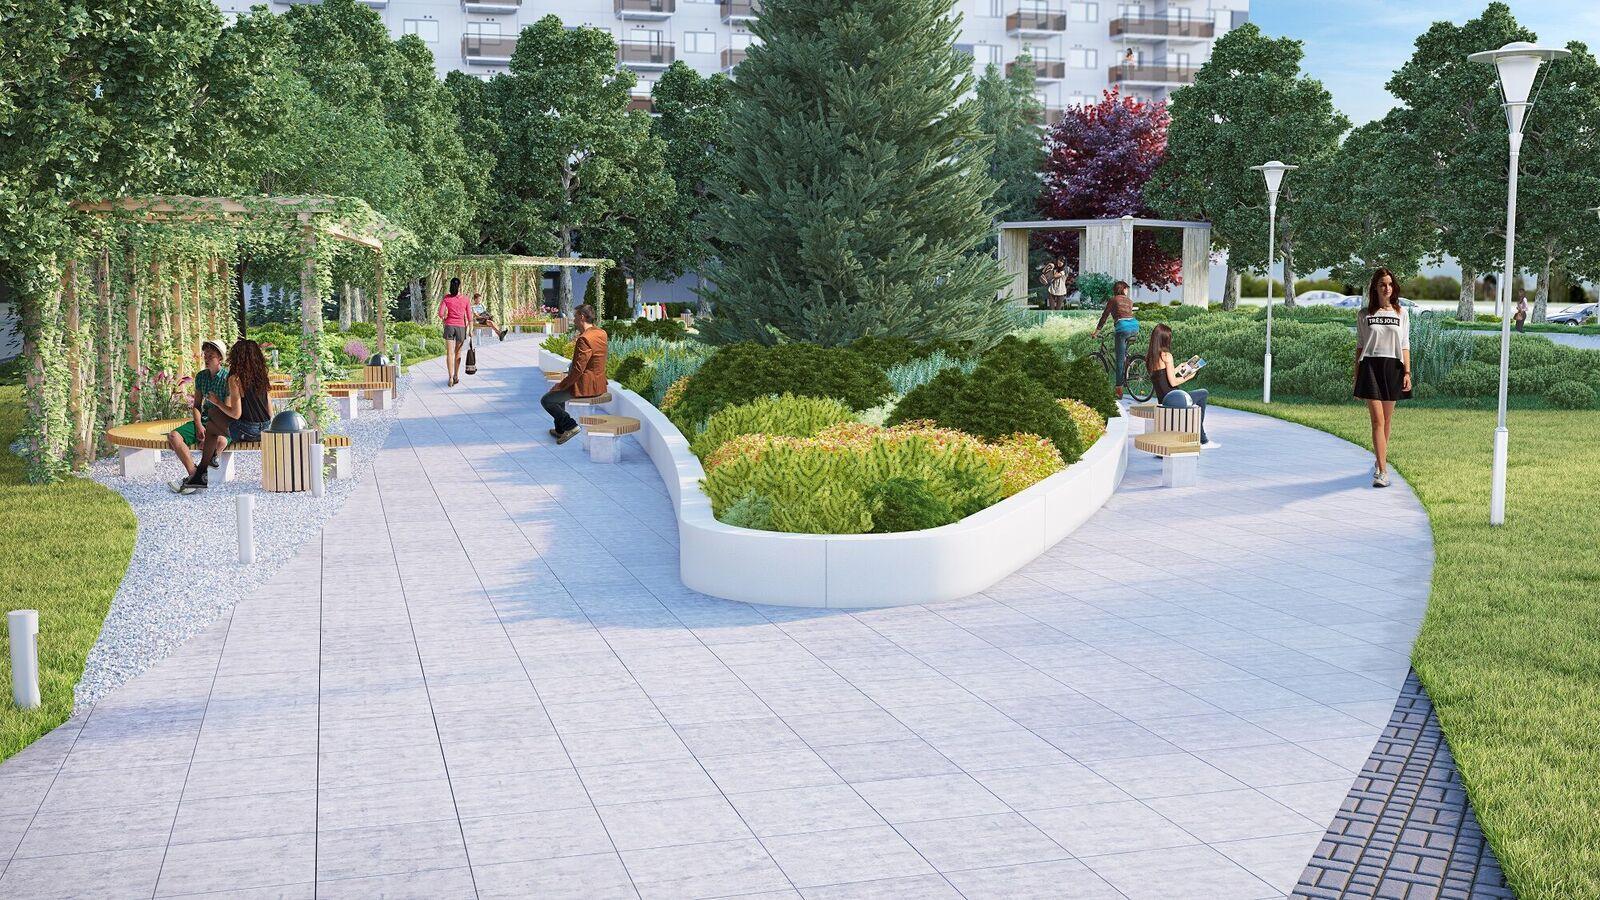 PRESSITEADE: Endover Kinnisvara uuele arendusele Aurora Park joostakse tormi